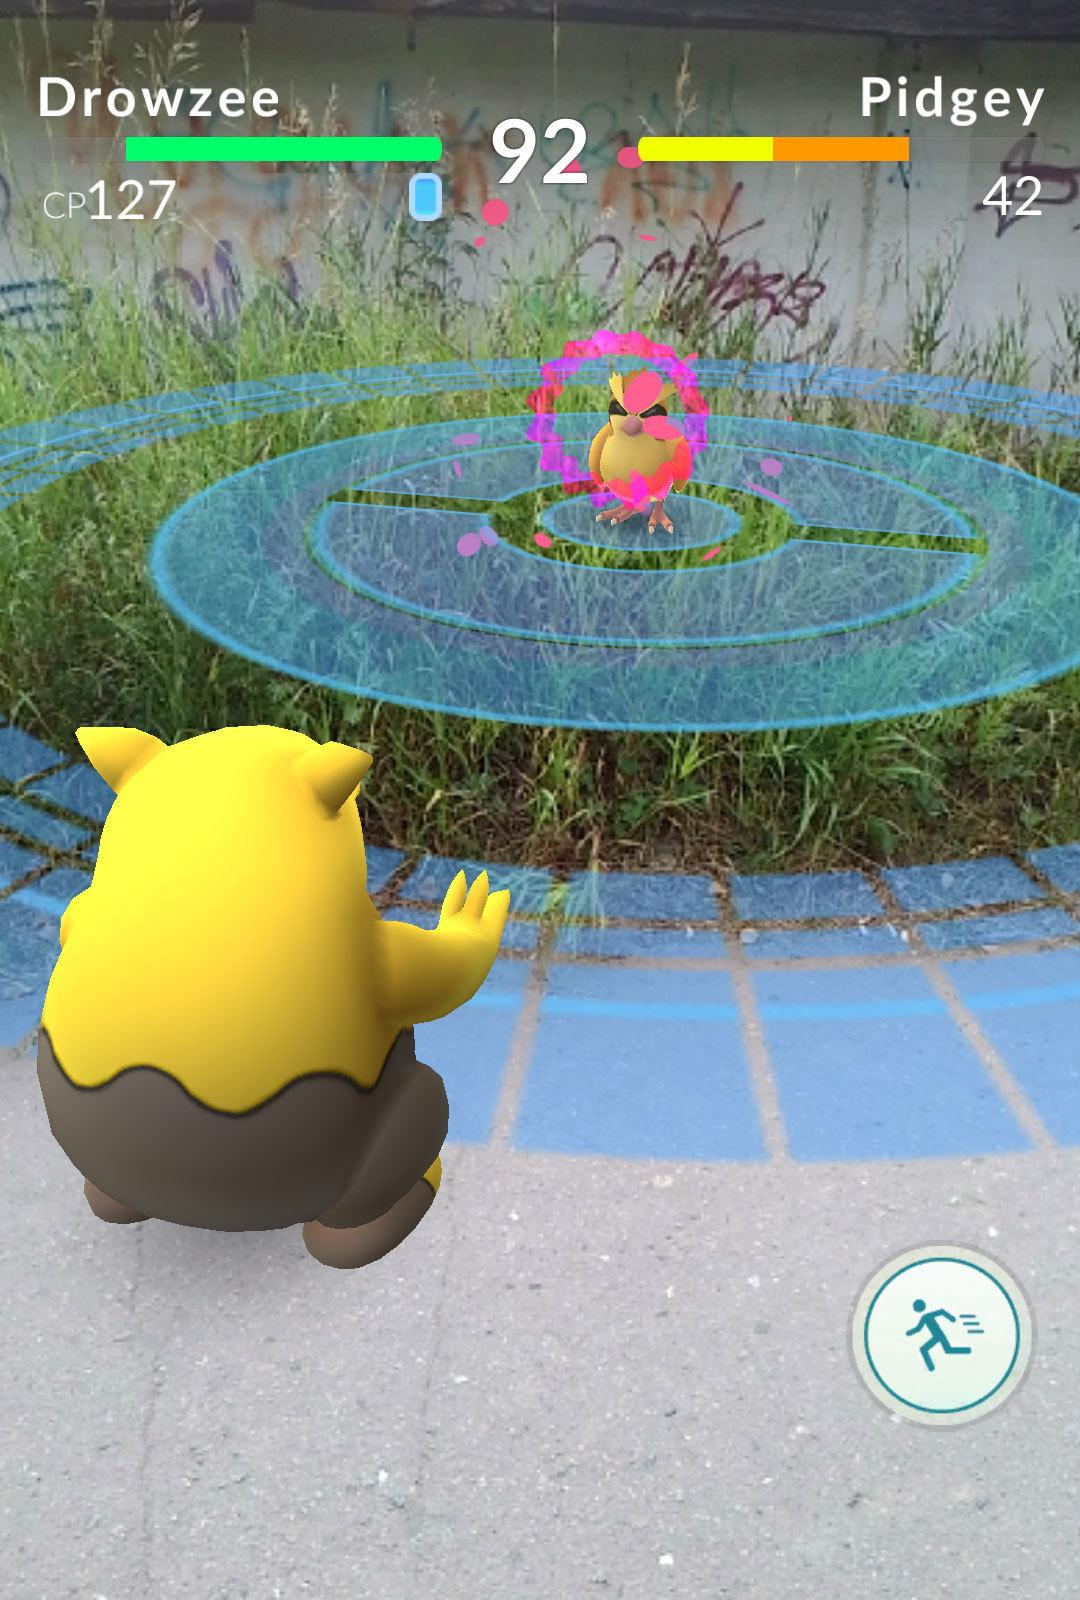 Рескин Ingress или полноценная игра? Обзор Pokemon Go - 10